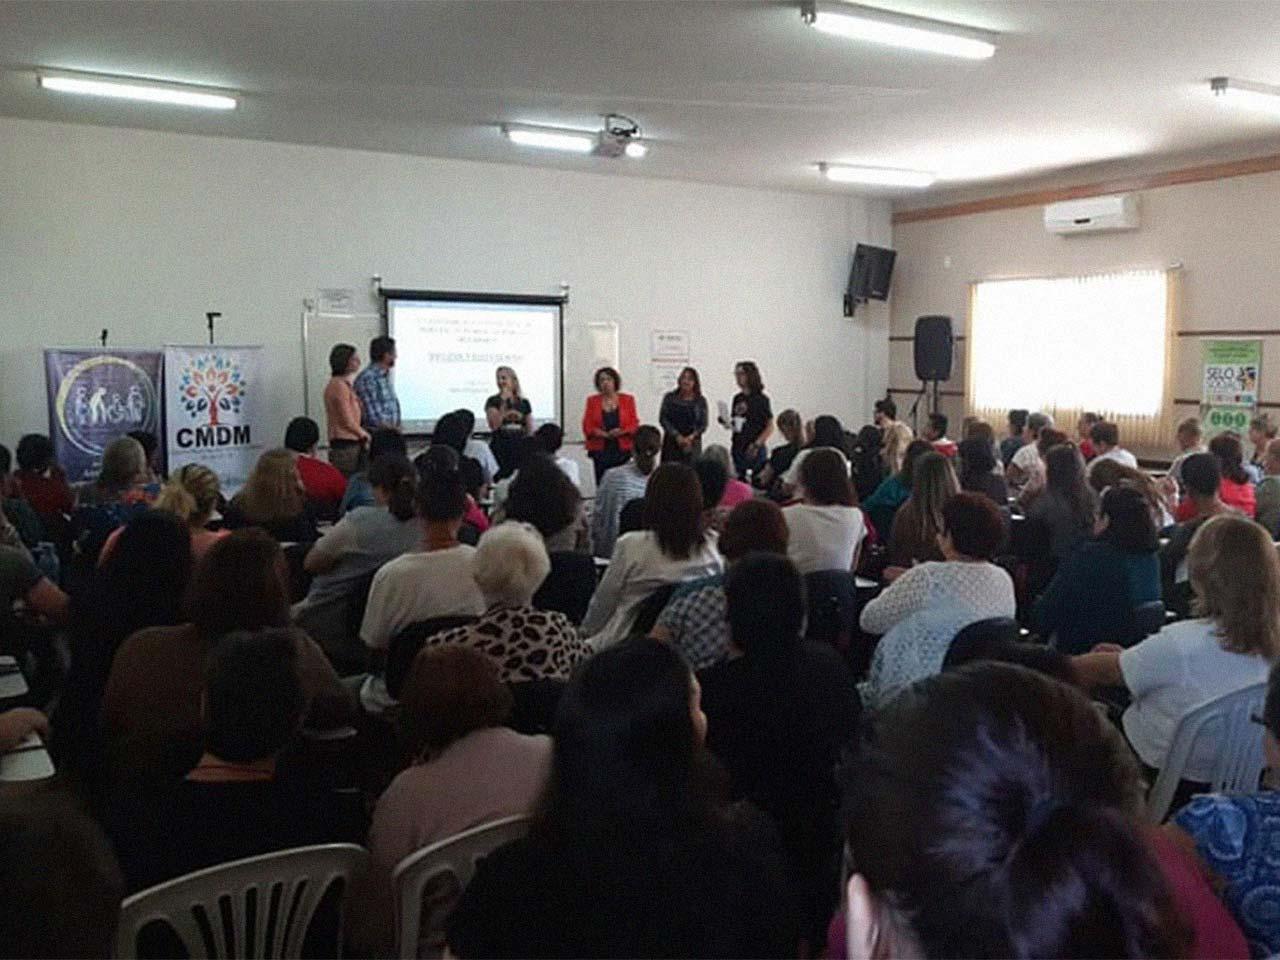 Sinspurs apoia ações do Conselho Municipal dos Direitos da Mulher